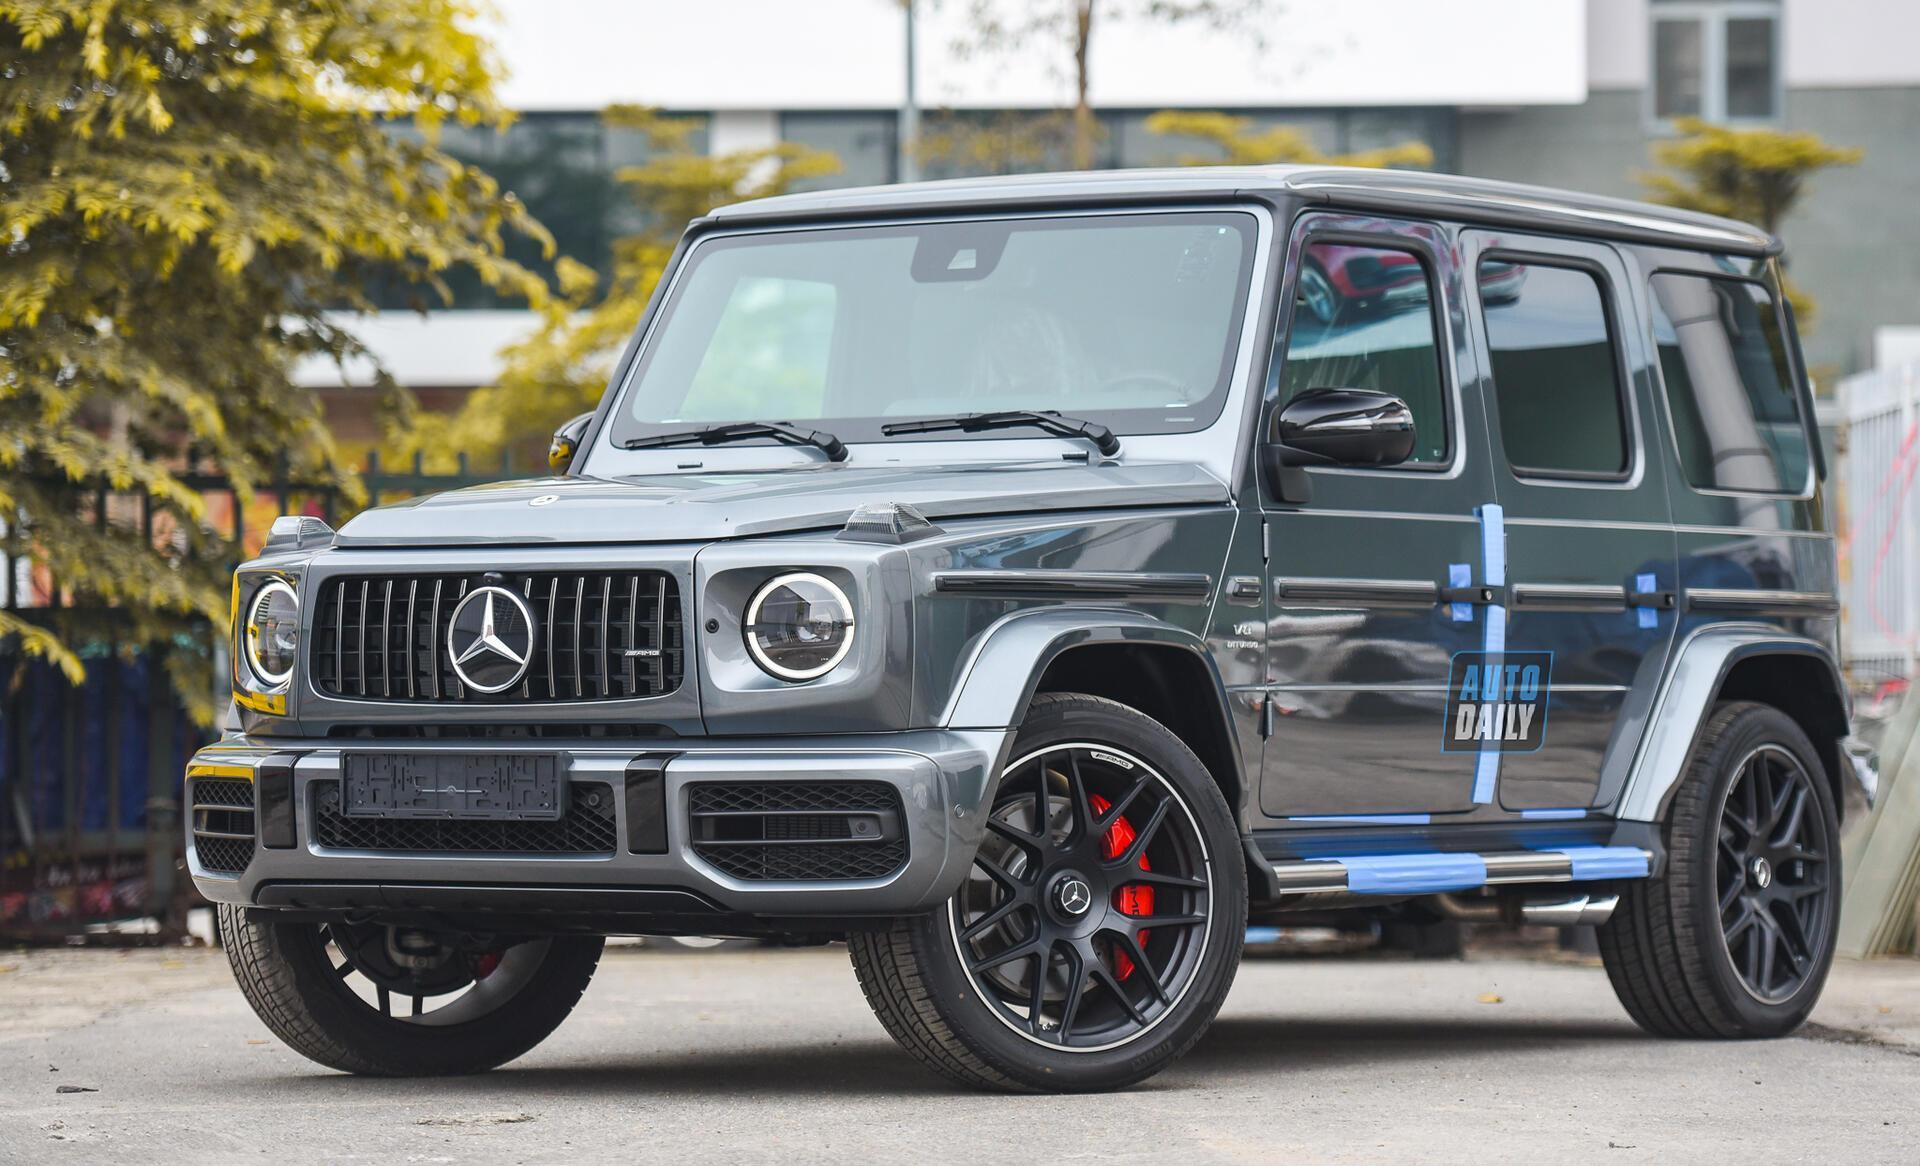 Ảnh chi tiết Mercedes G63 AMG 2021 bản cá nhân hoá giá khoảng 12 tỷ [1]